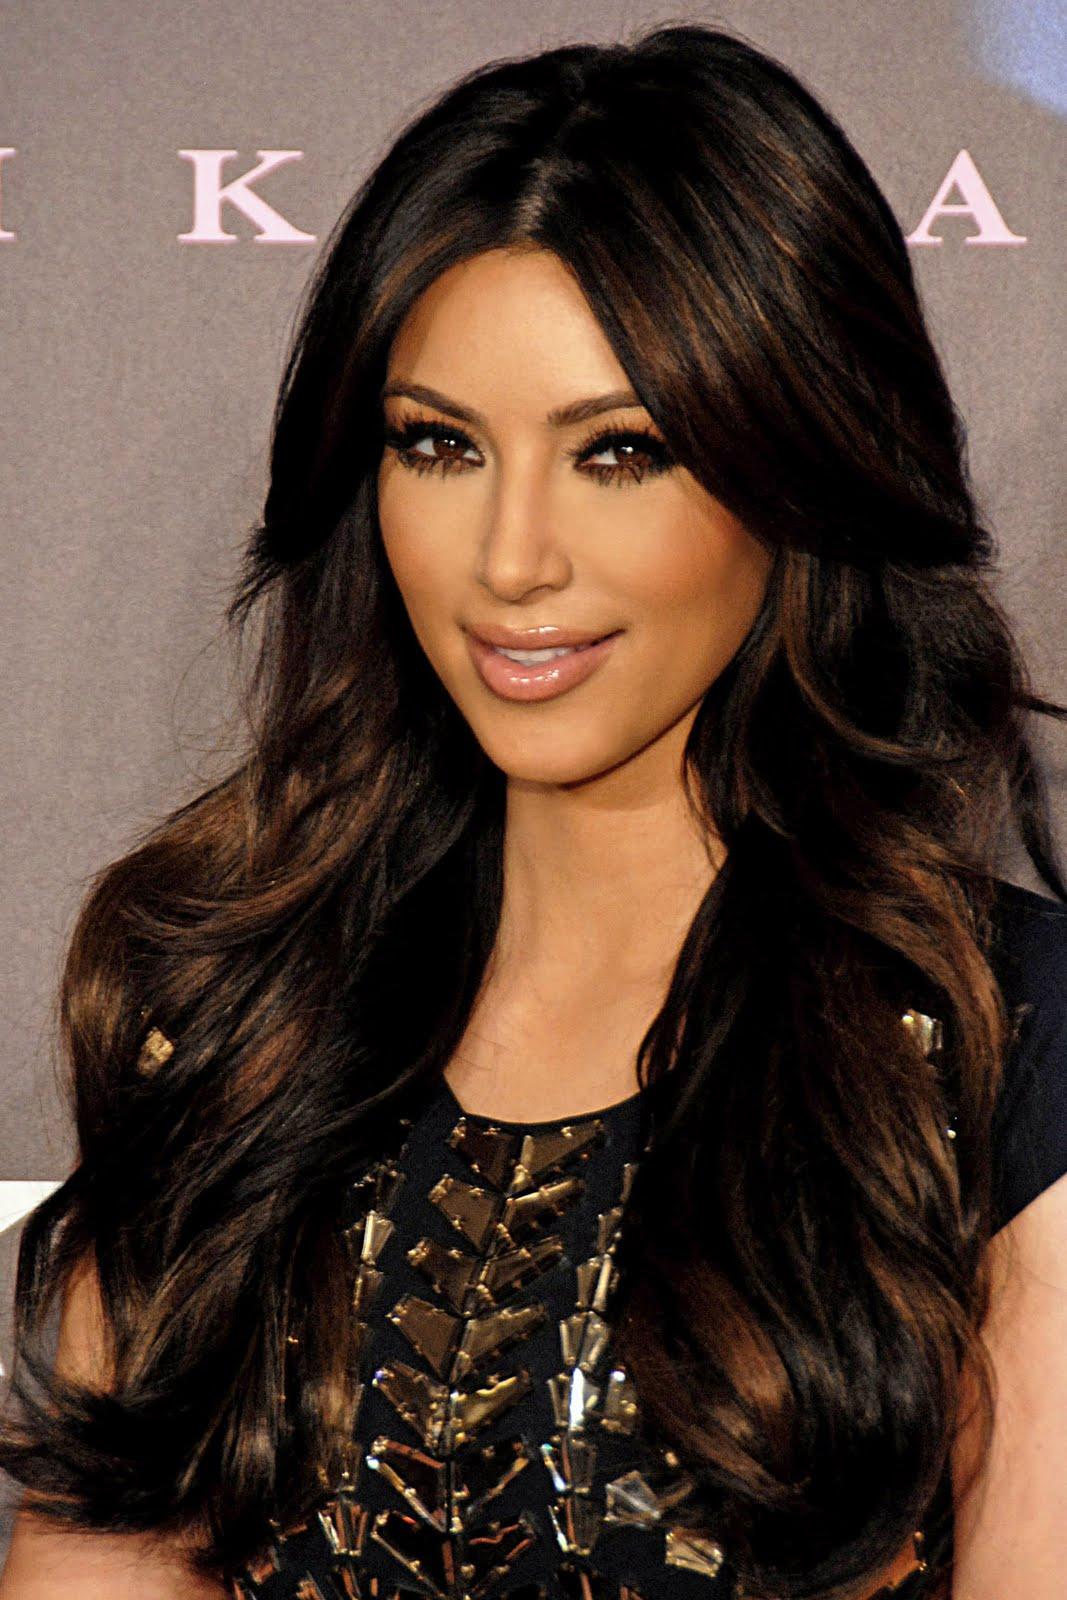 http://4.bp.blogspot.com/-Qqu1QFQnIPU/TjXseT1PJ-I/AAAAAAAAAHk/eMdsOiDBT0Q/s1600/Kim_Kardashian_2011.jpg